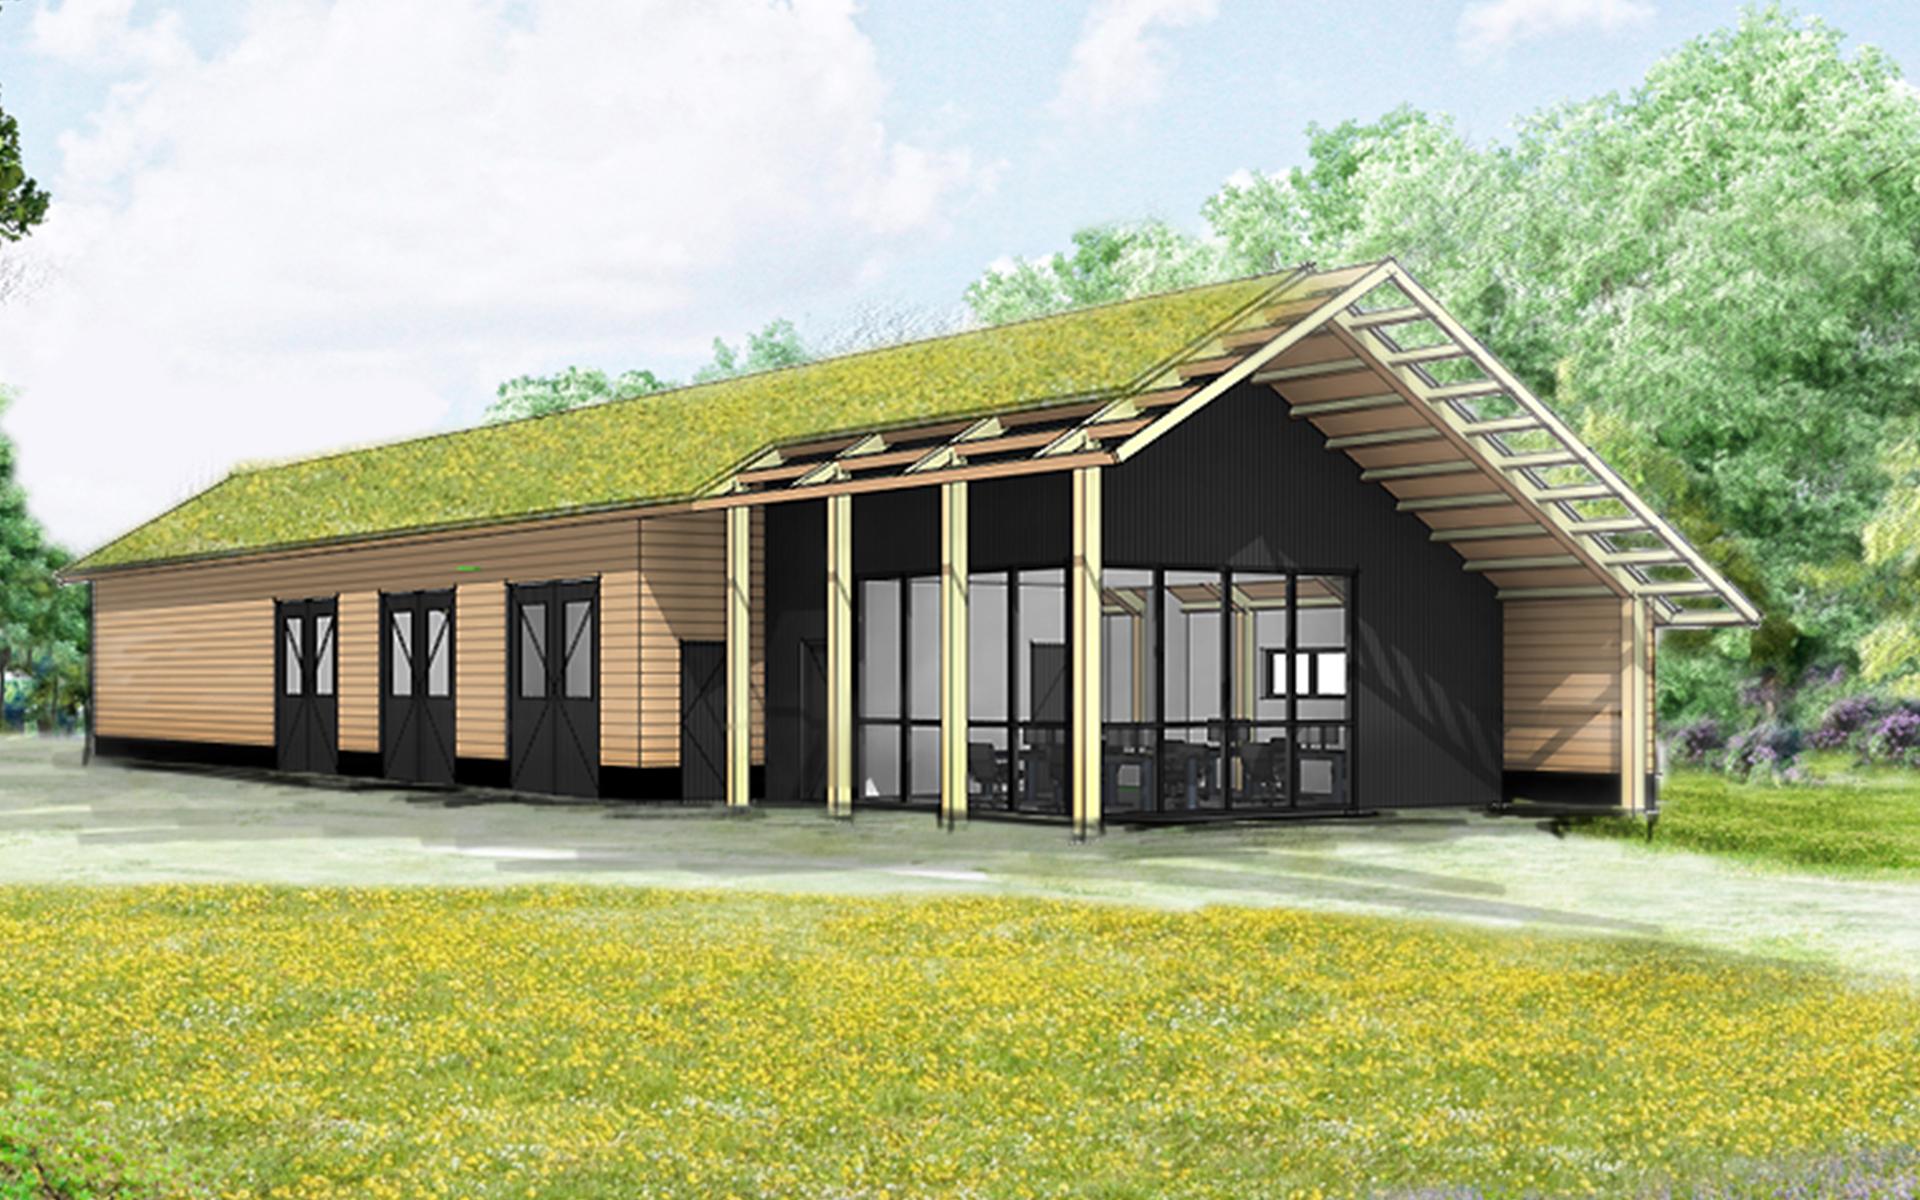 kapschuur-eigentijds-gelamineerde-constructie-massief-hout-sedum-dak-architect-van-oord-architectuur-en-design-wenum-wiesel-architectuur-boekelo-outdoor-care1